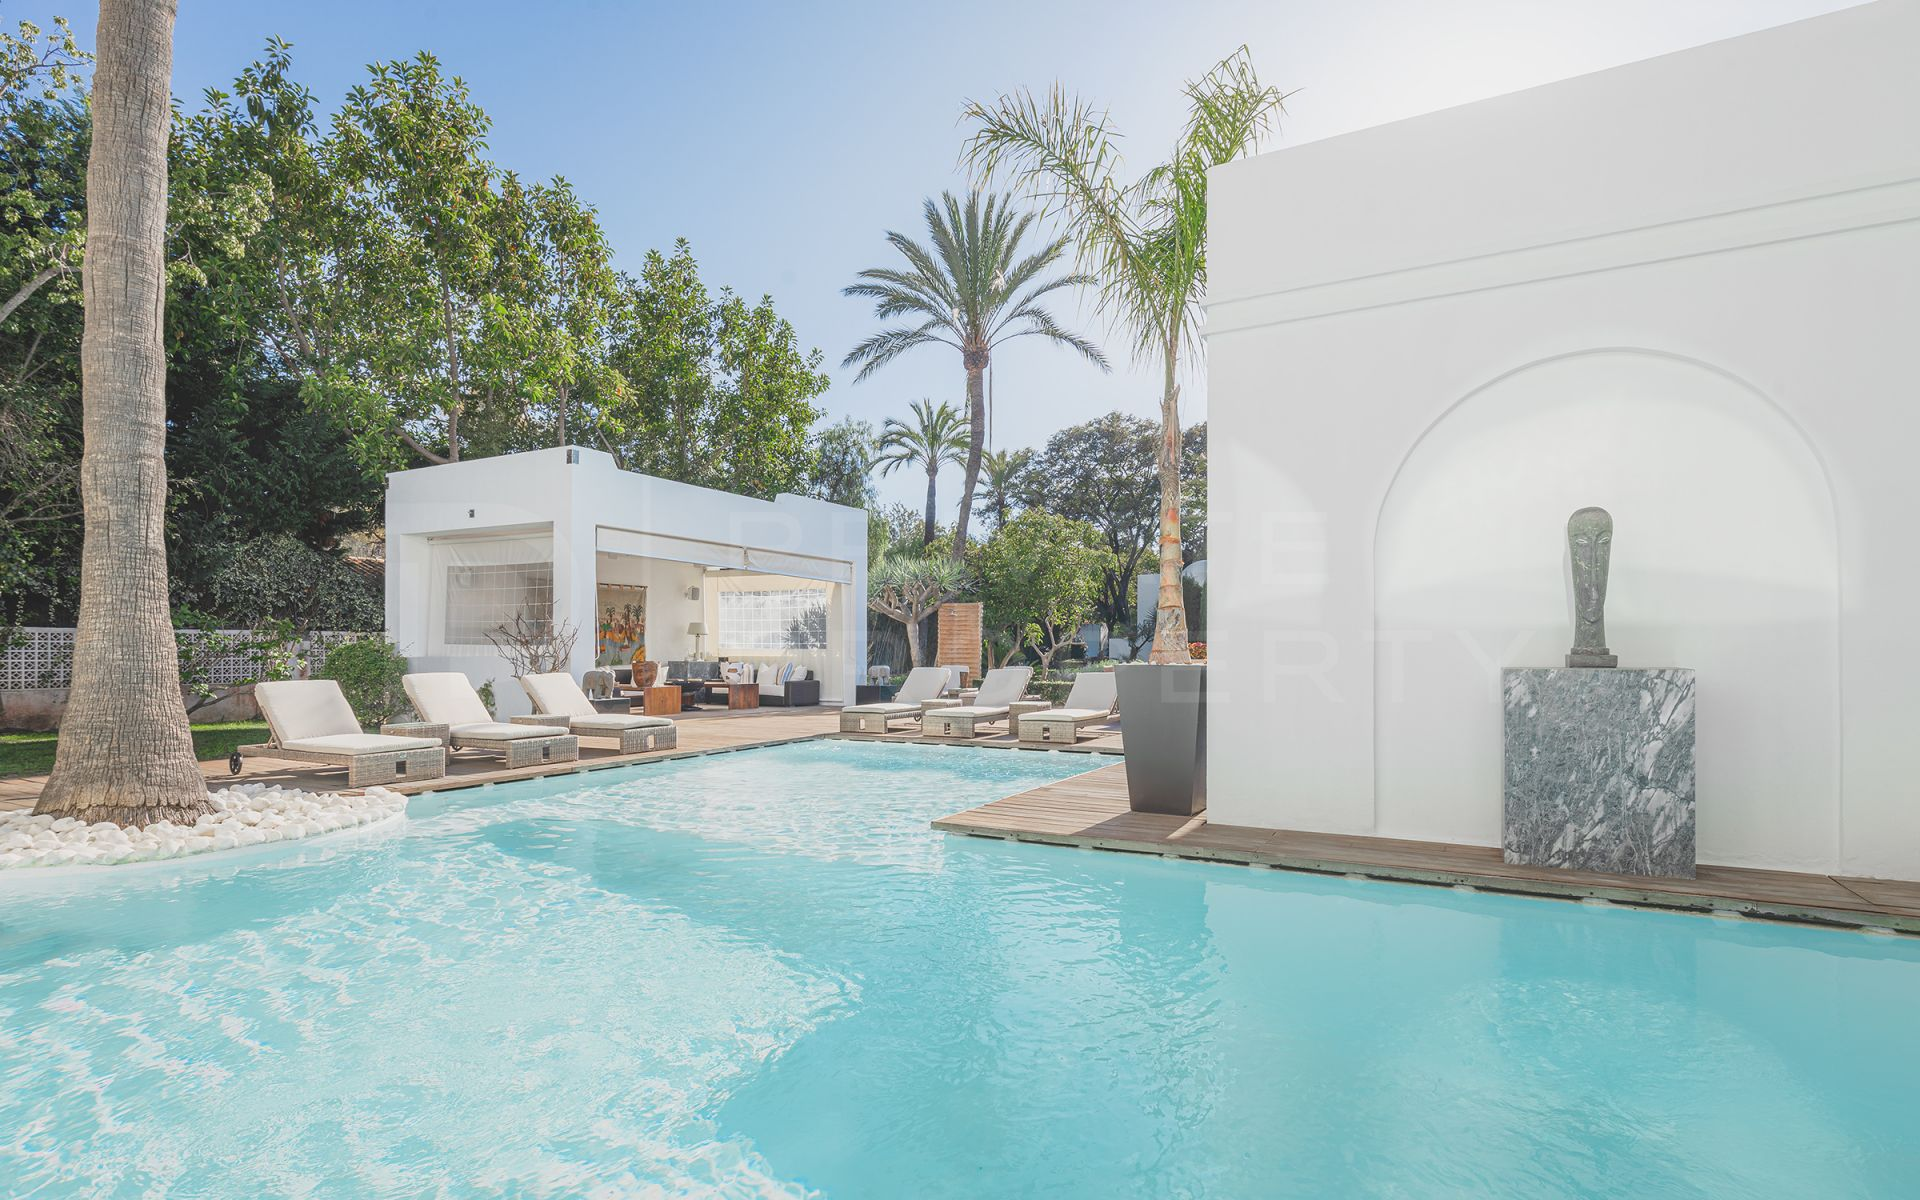 Beachside villa in Guadalmina Baja